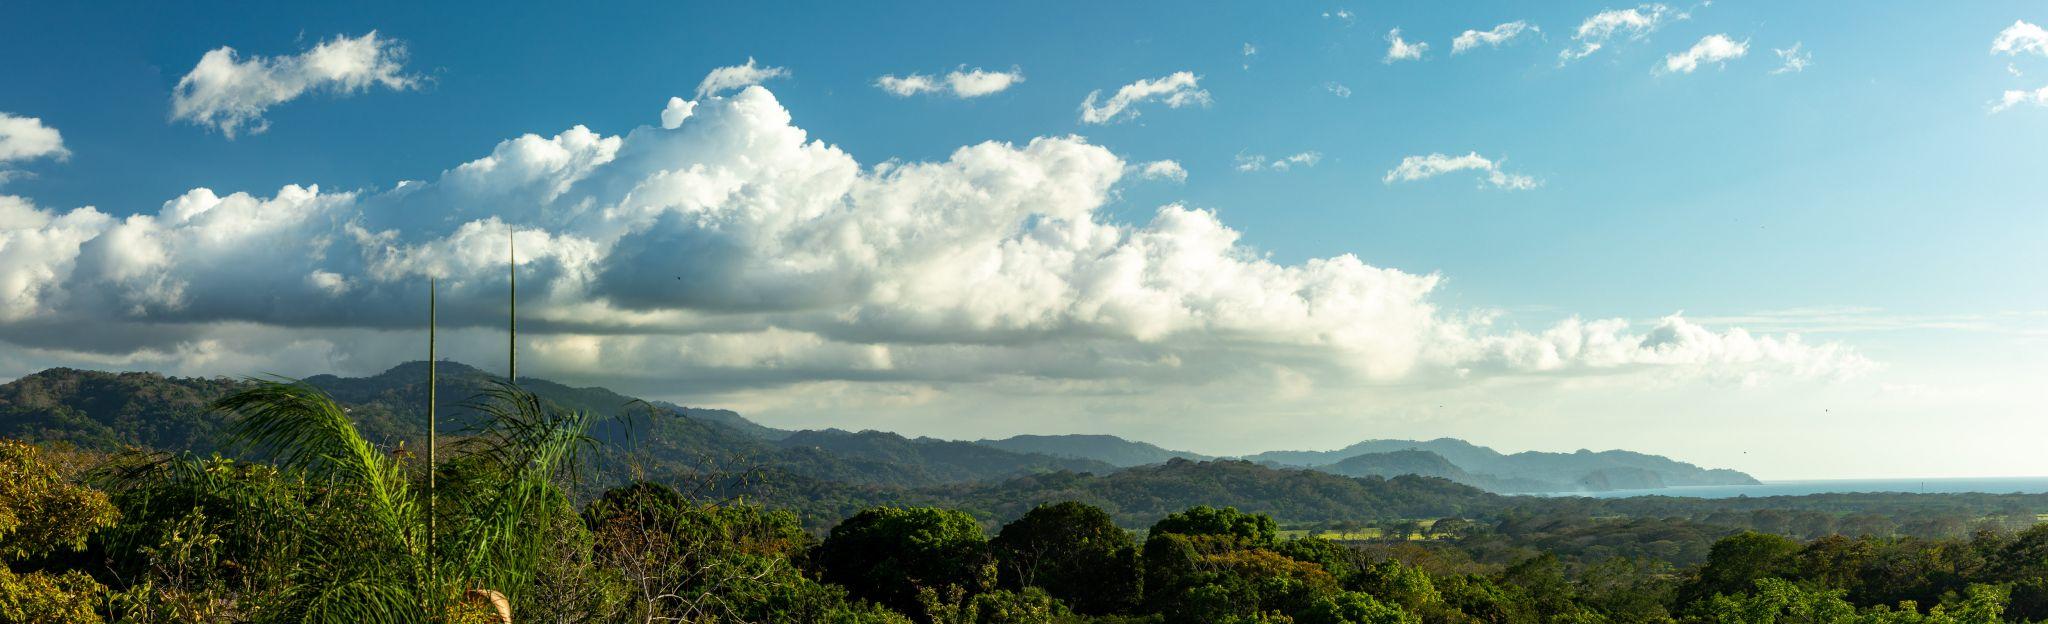 Blick auf dem pazifischen Ozean in Costa Rica, Costa Rica